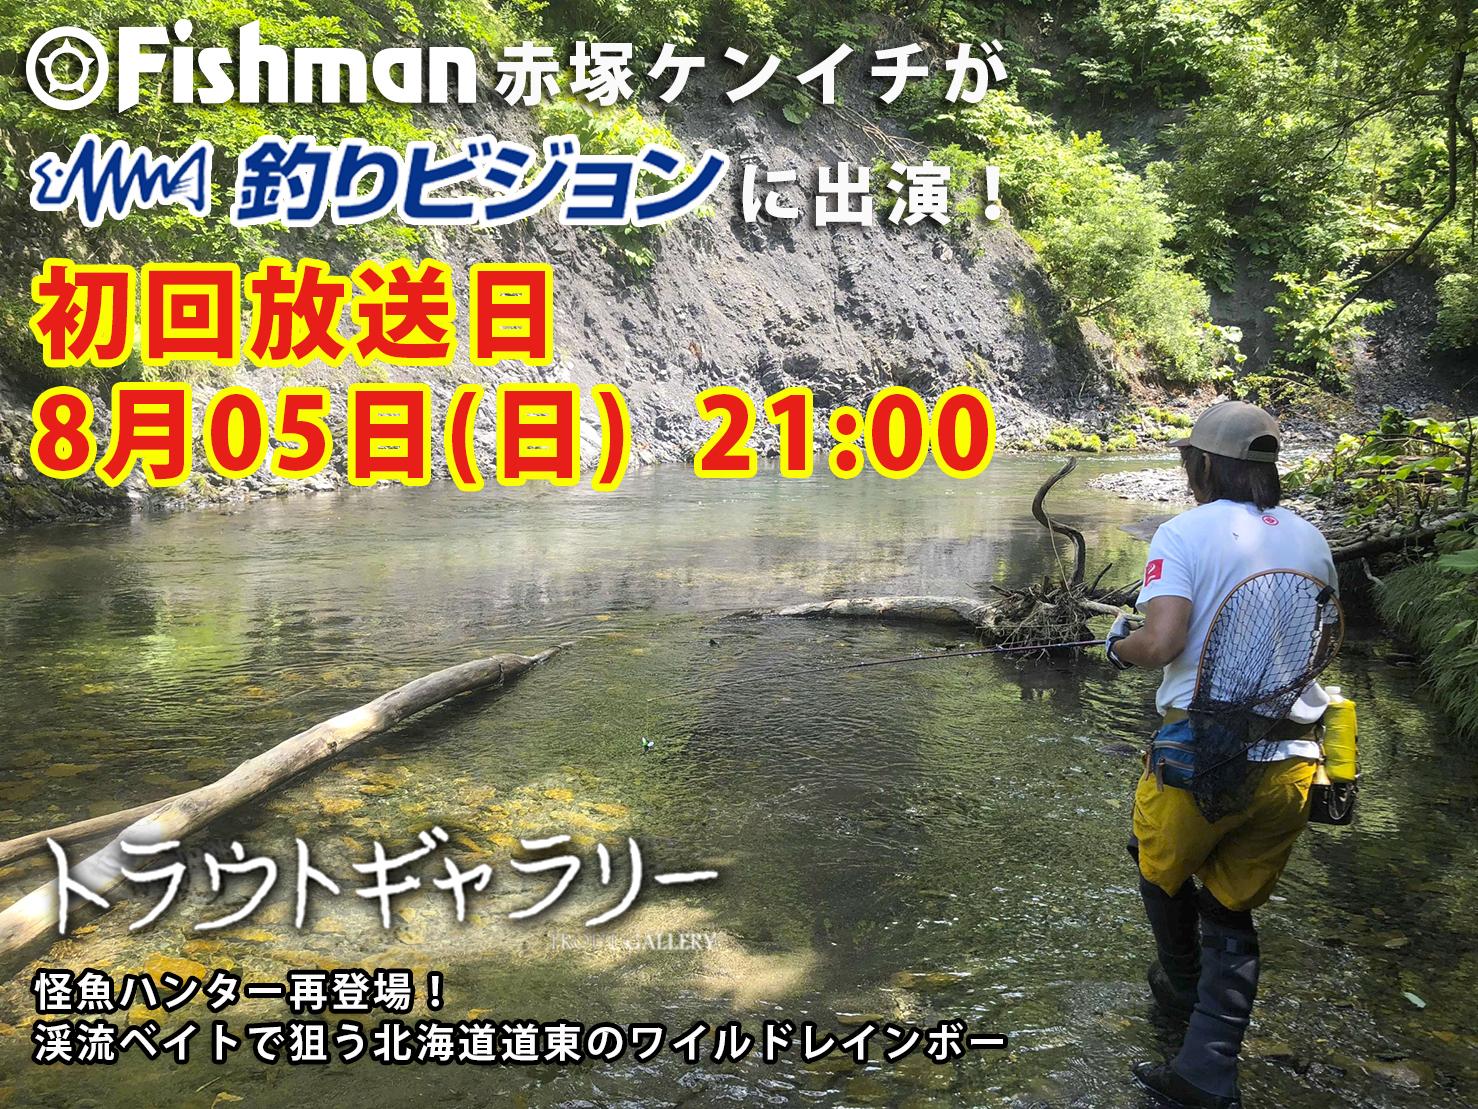 8月5日 21時の釣りビジョン トラウトギャラリーにFishman赤塚ケンイチが出演します!